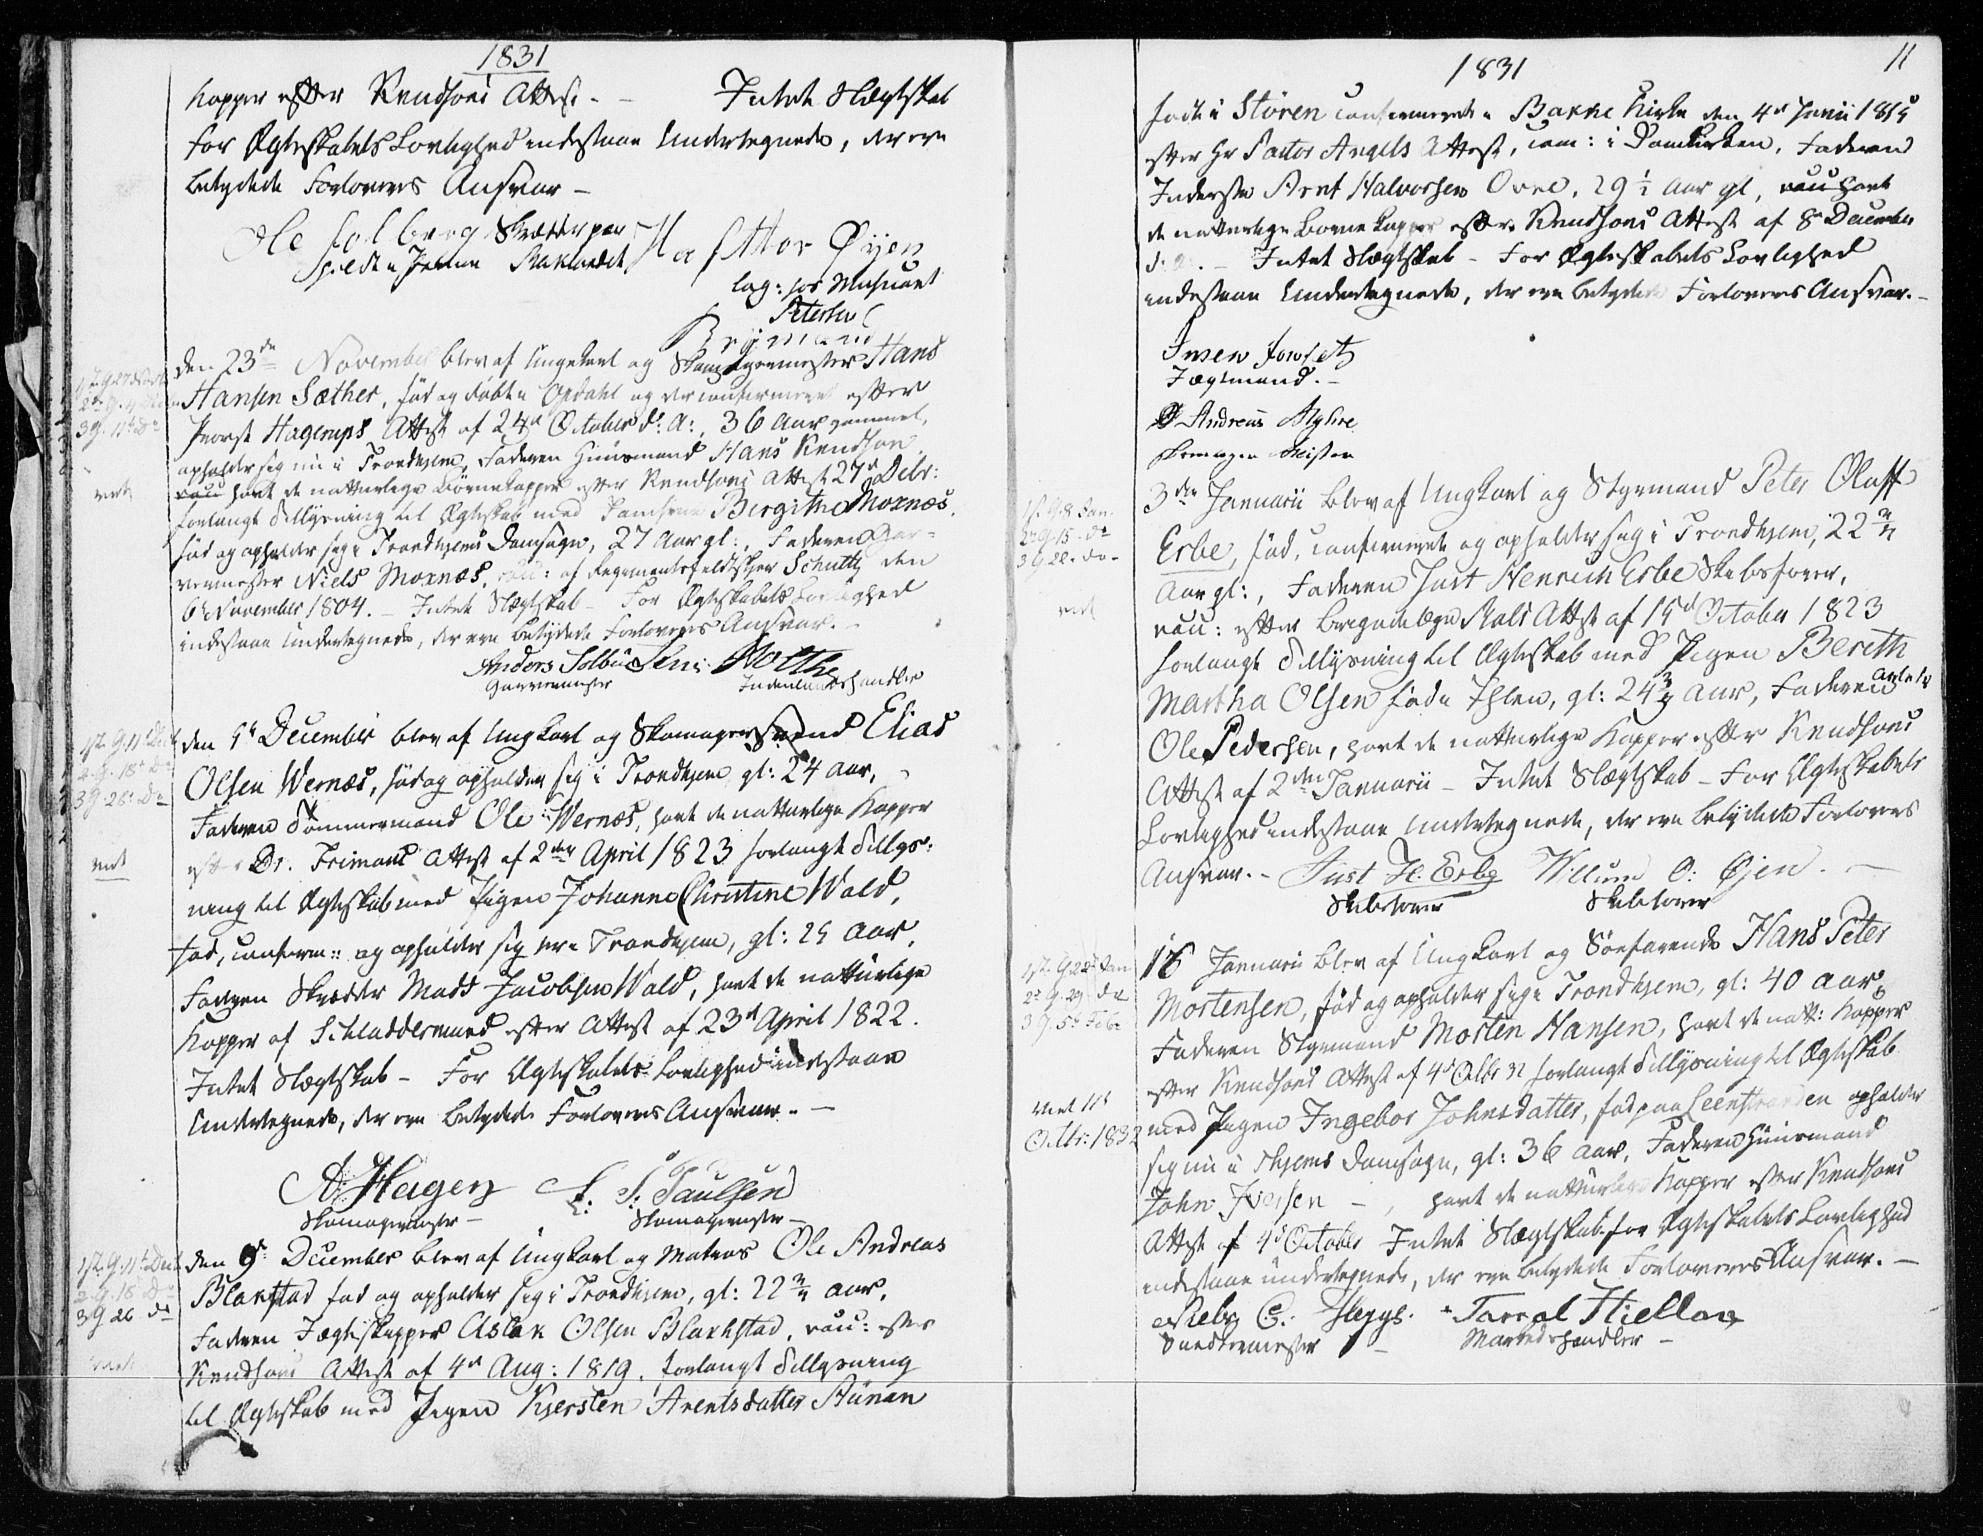 SAT, Ministerialprotokoller, klokkerbøker og fødselsregistre - Sør-Trøndelag, 601/L0046: Ministerialbok nr. 601A14, 1830-1841, s. 11